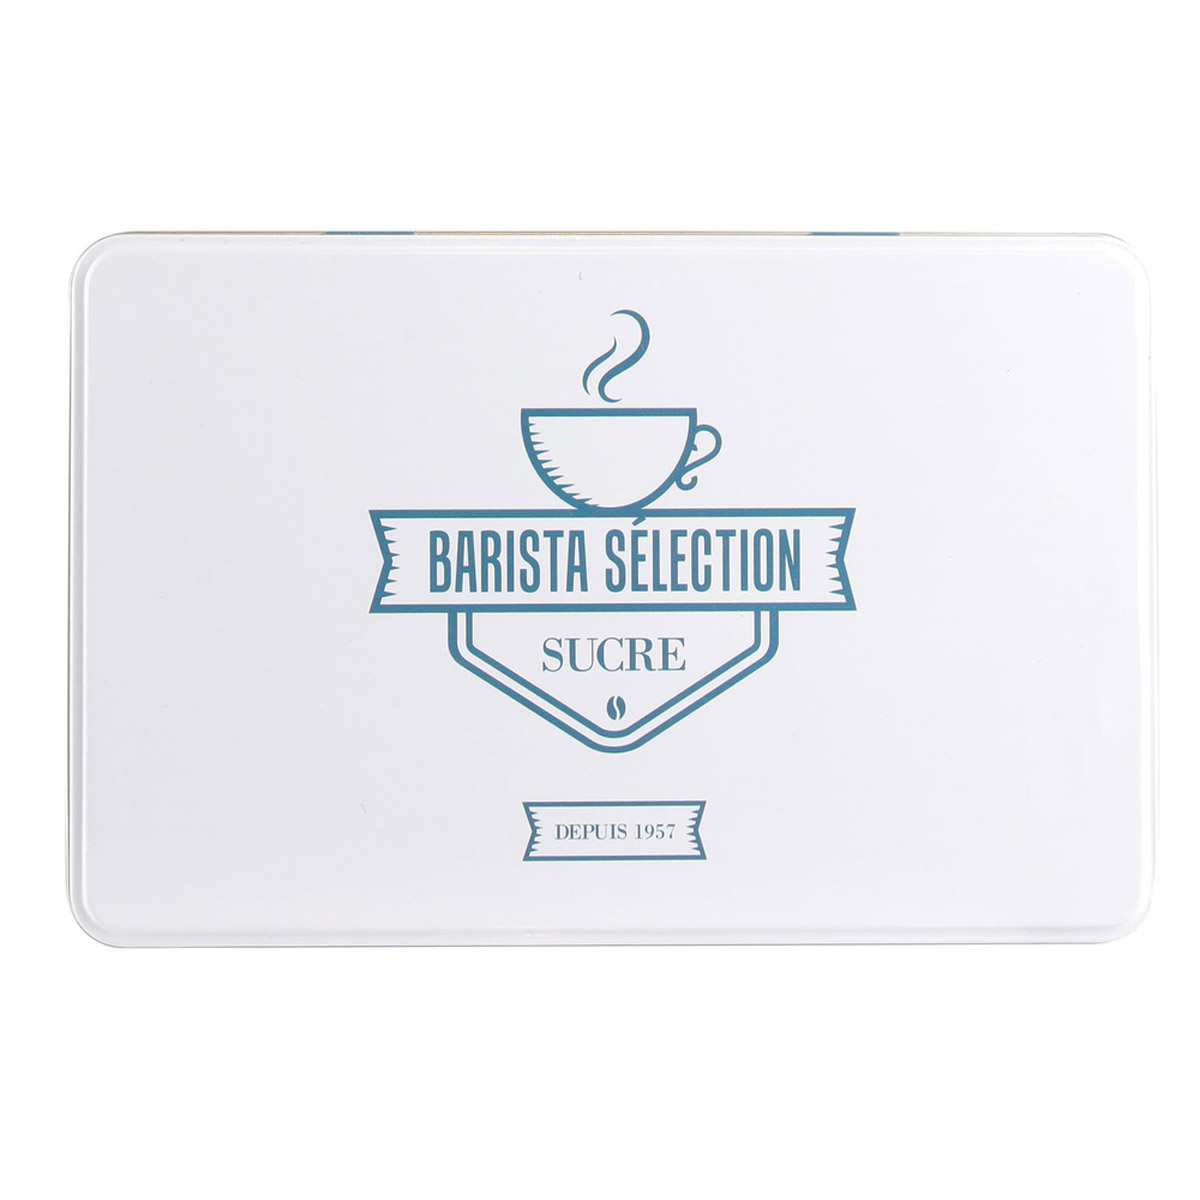 Boite à sucre \'Barista Selection\' blanc - 195x13x7 cm - [R2436]